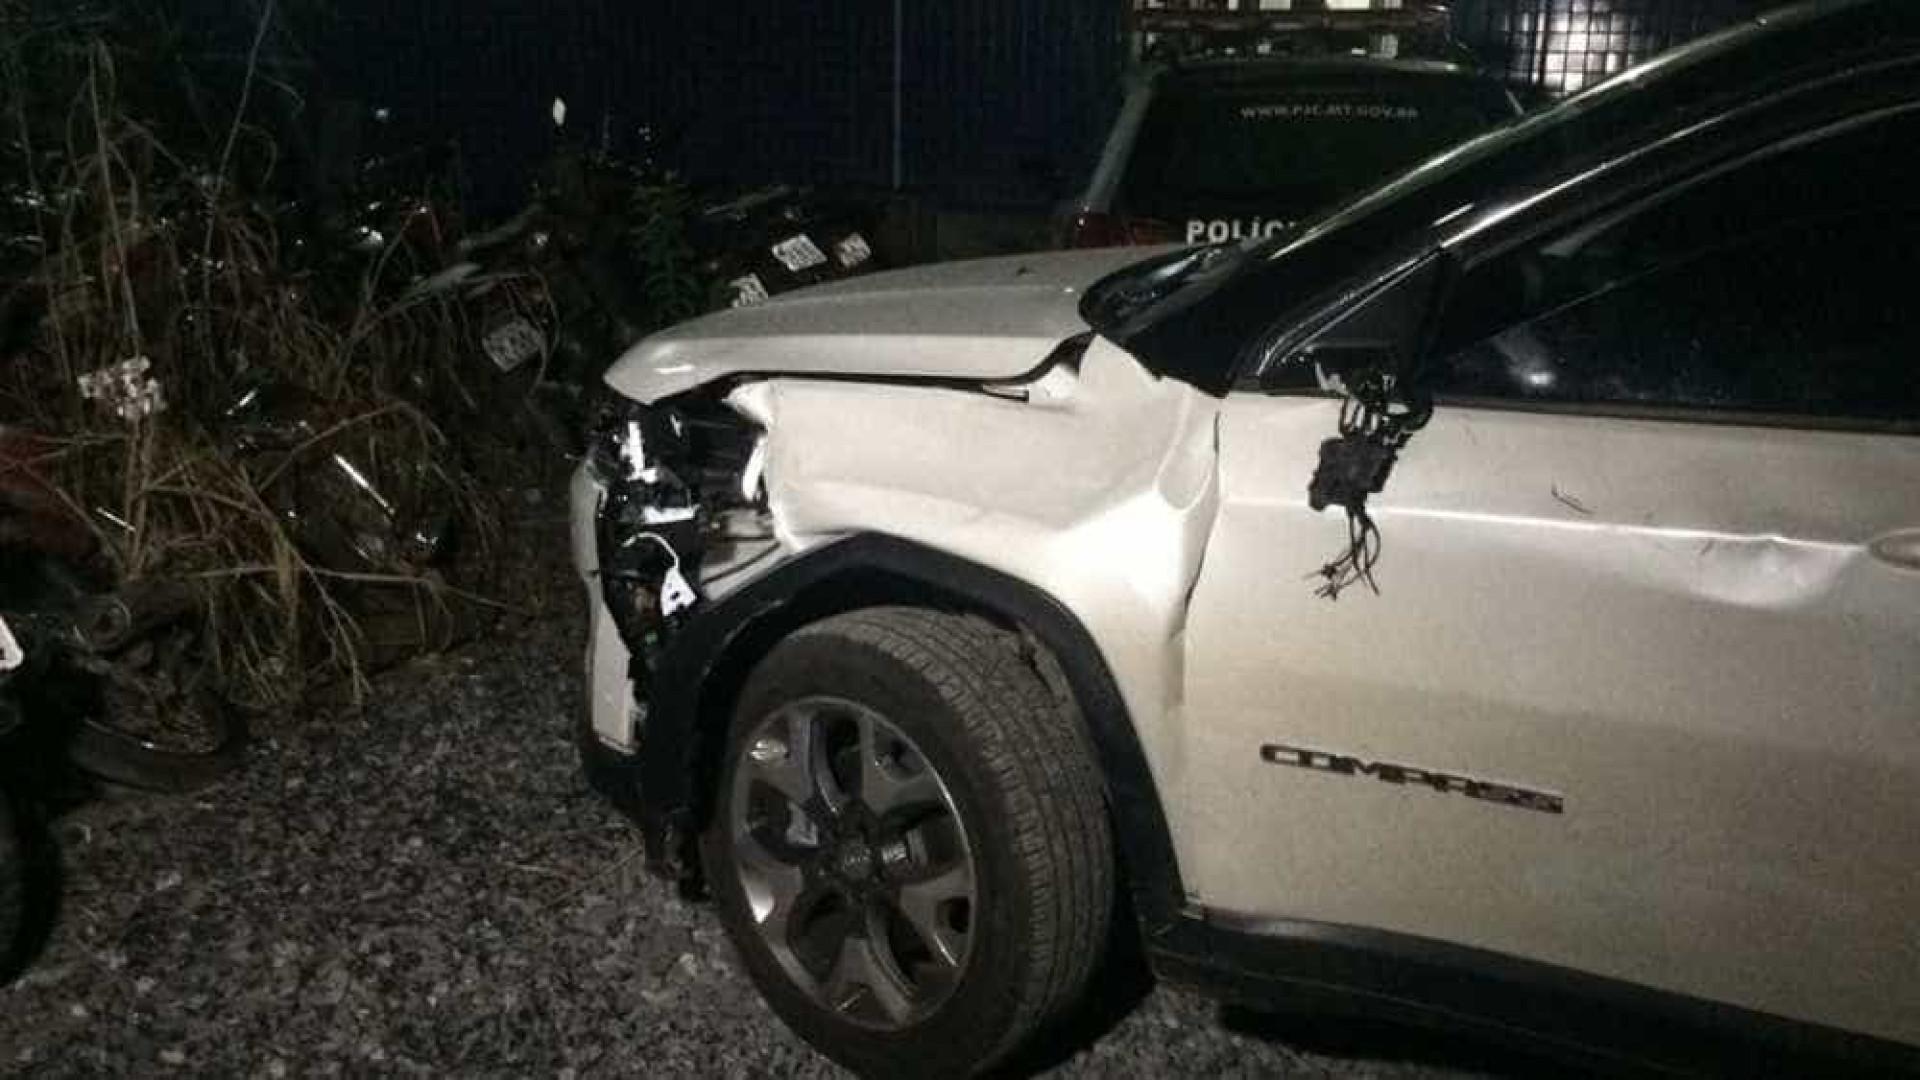 Médica que atropelou vendedor ambulante e fugiu é detida em Cuiabá